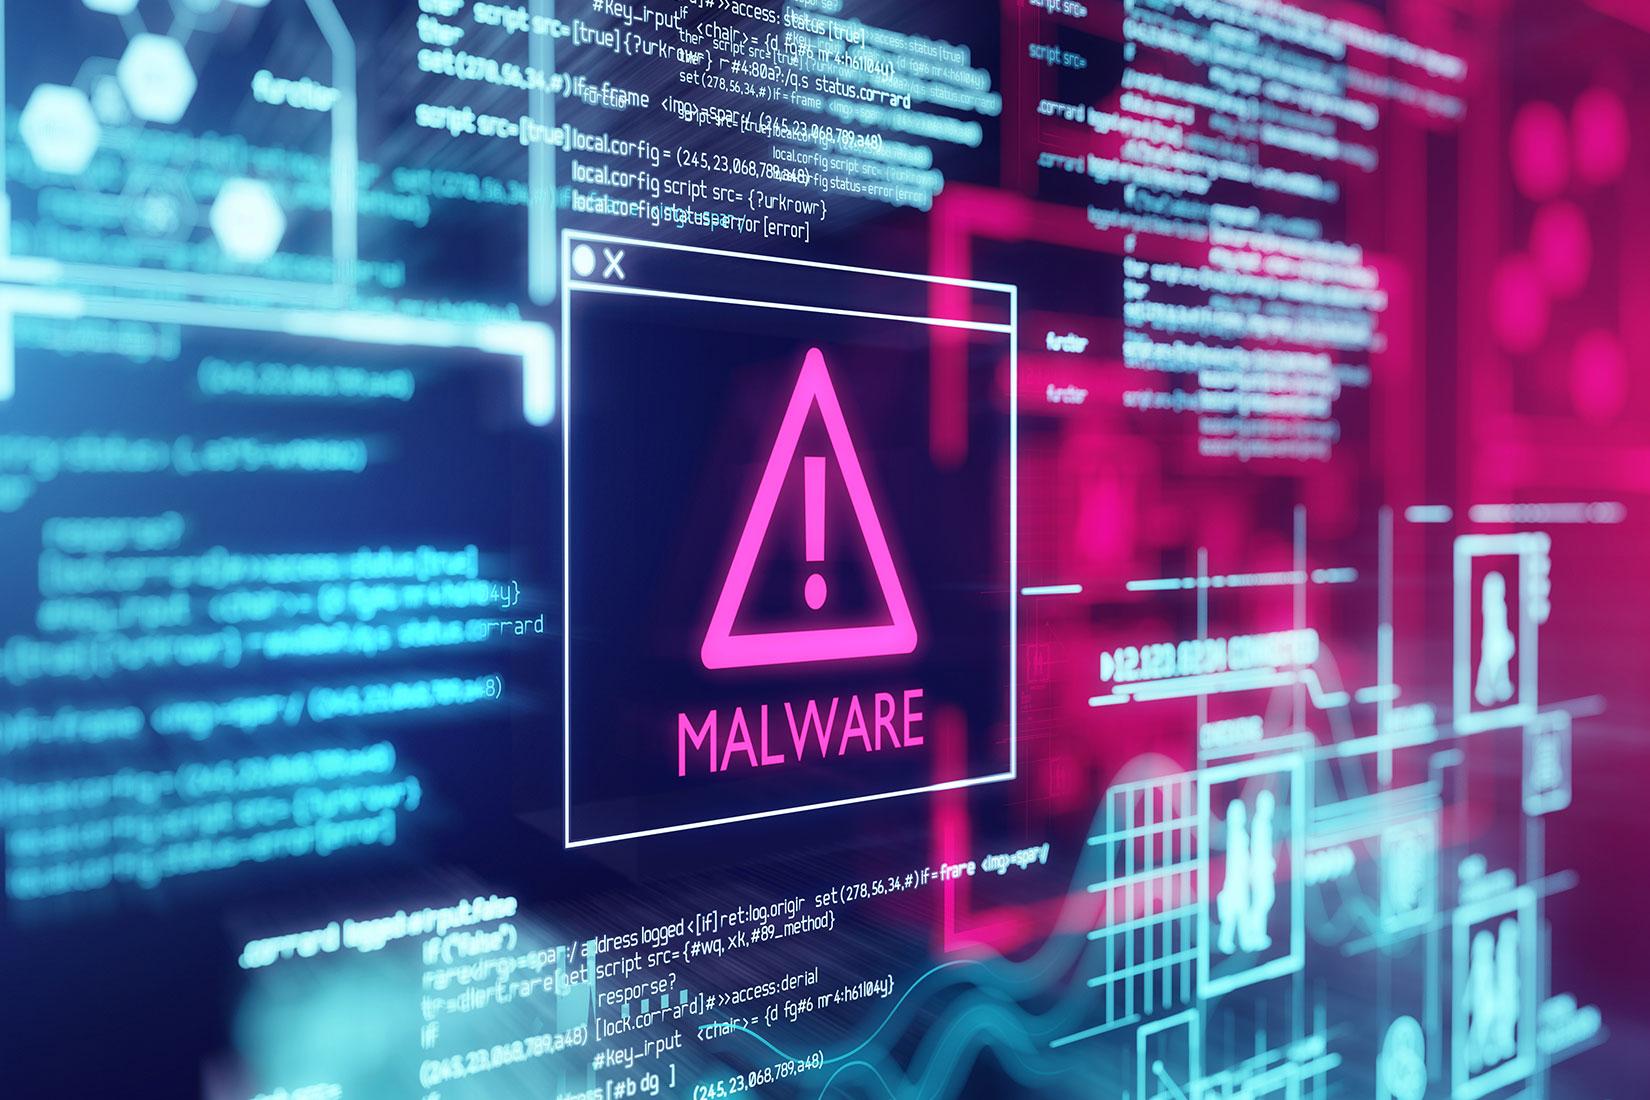 ハイブリッドな暗号通信システムの必要性